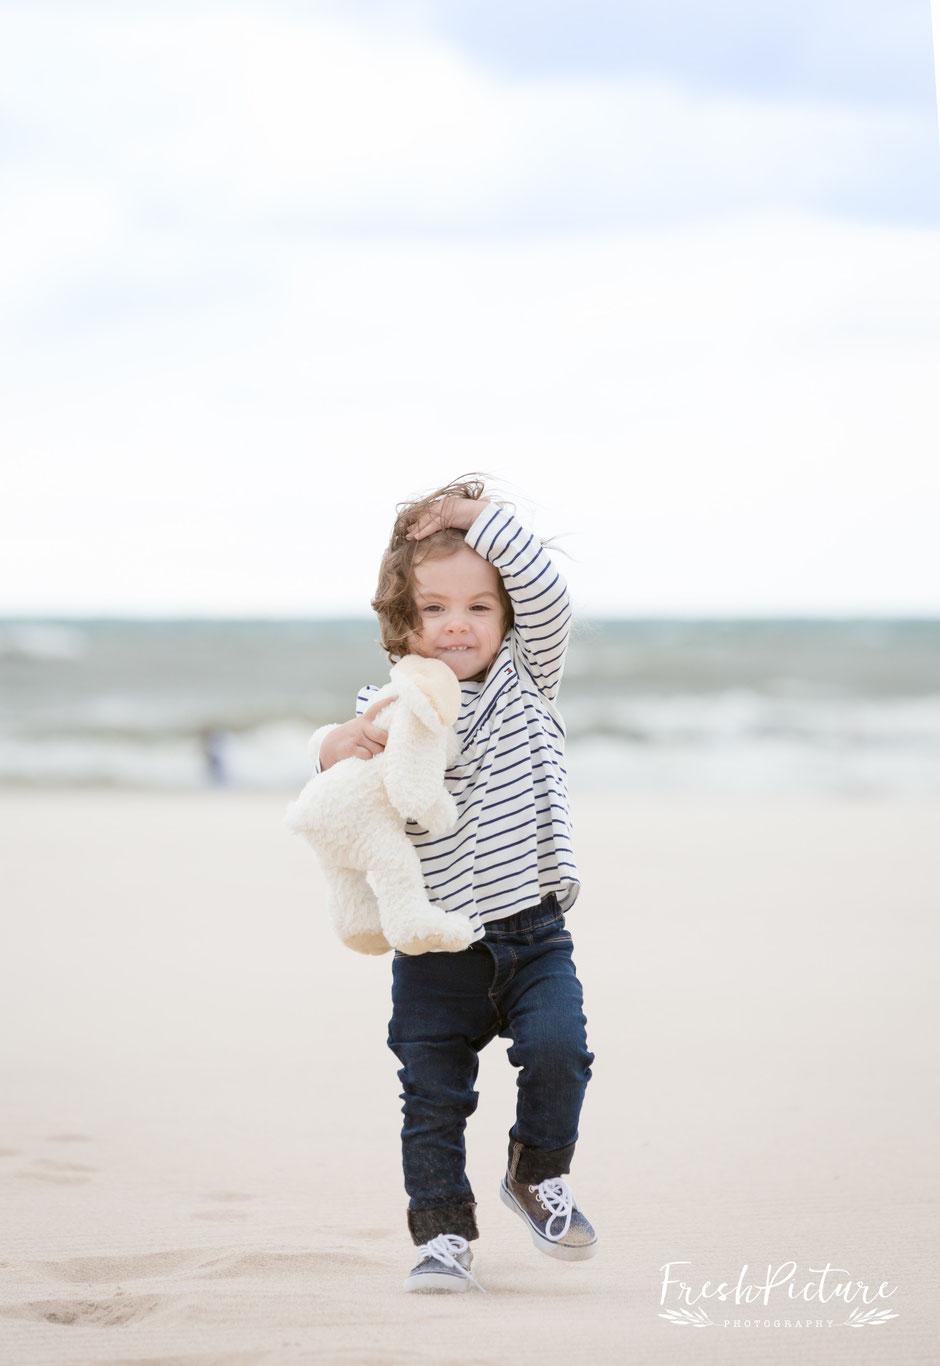 Kinderbilder Mädchen am Strand